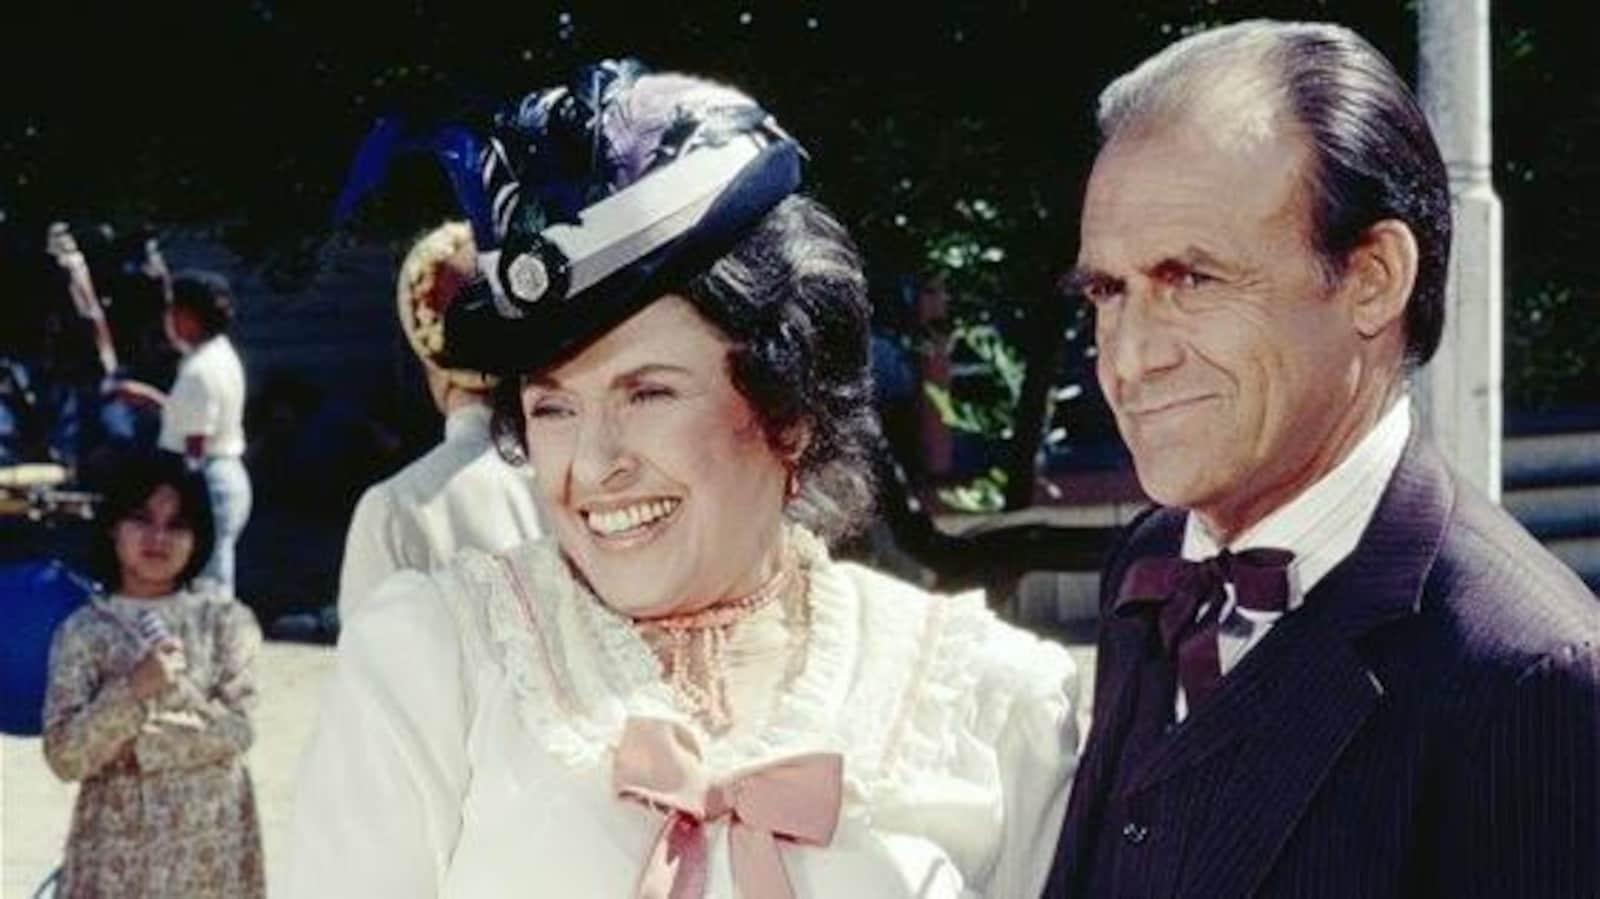 Katherine MacGregor sourit aux côtés d'un homme qui la tient par le bras dans un épisode de « La petite maison dans la prairie ».